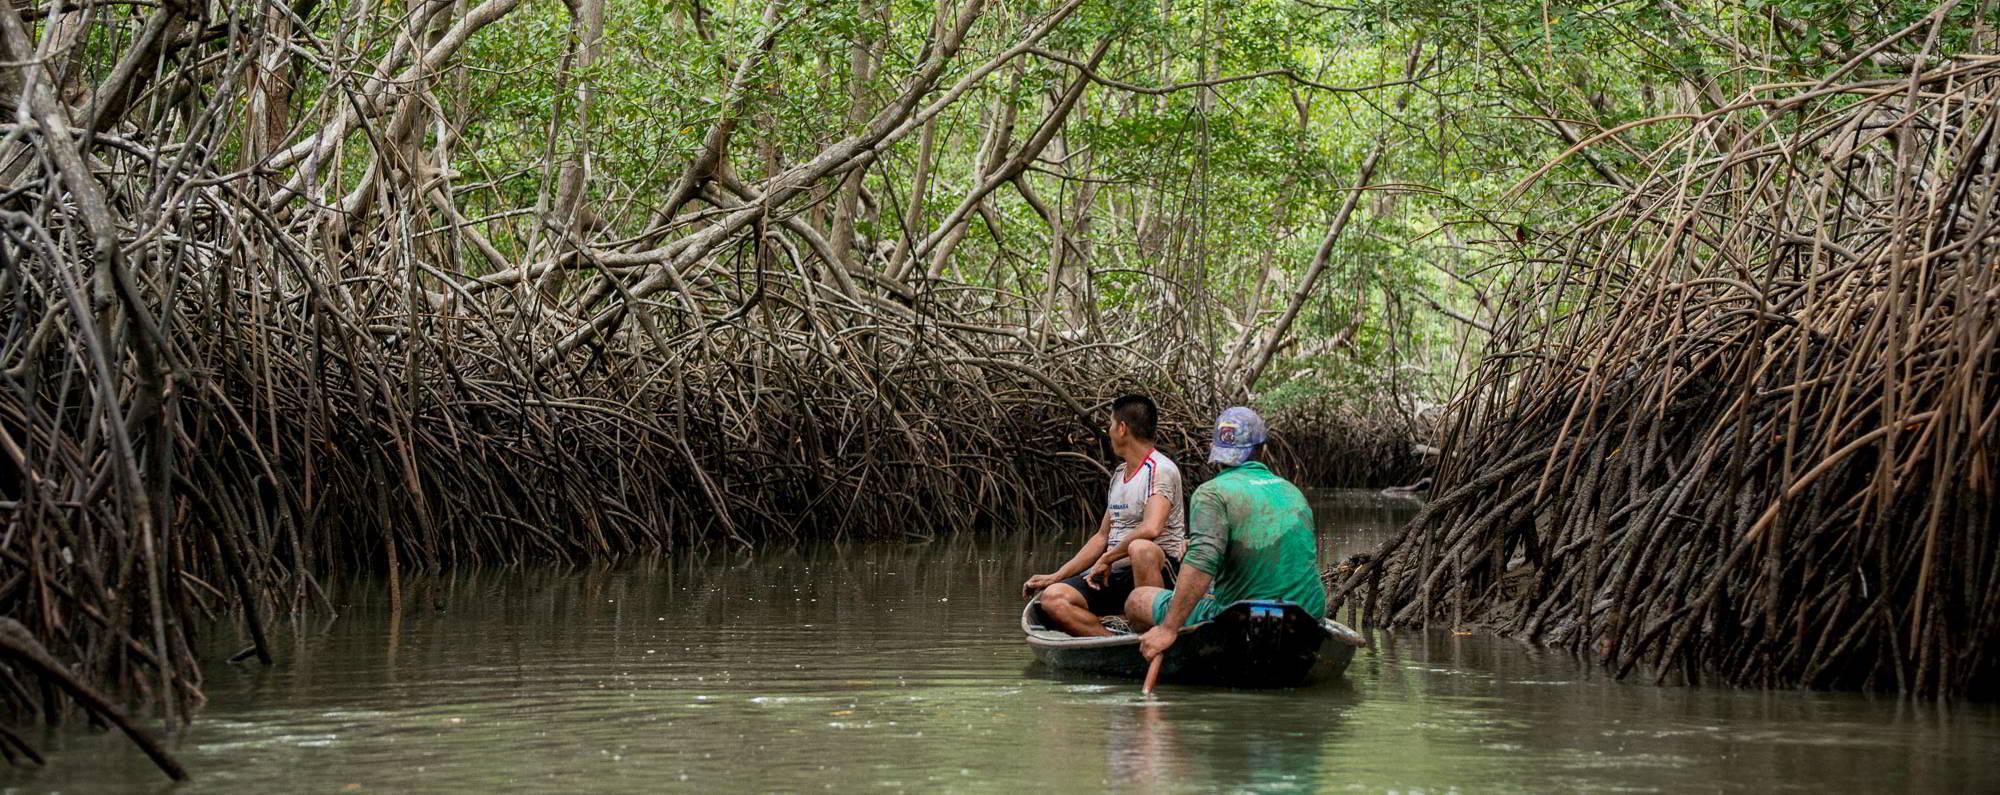 Curso de manejo de caranguejo reforça a importância de áreas protegidas na Amazônia